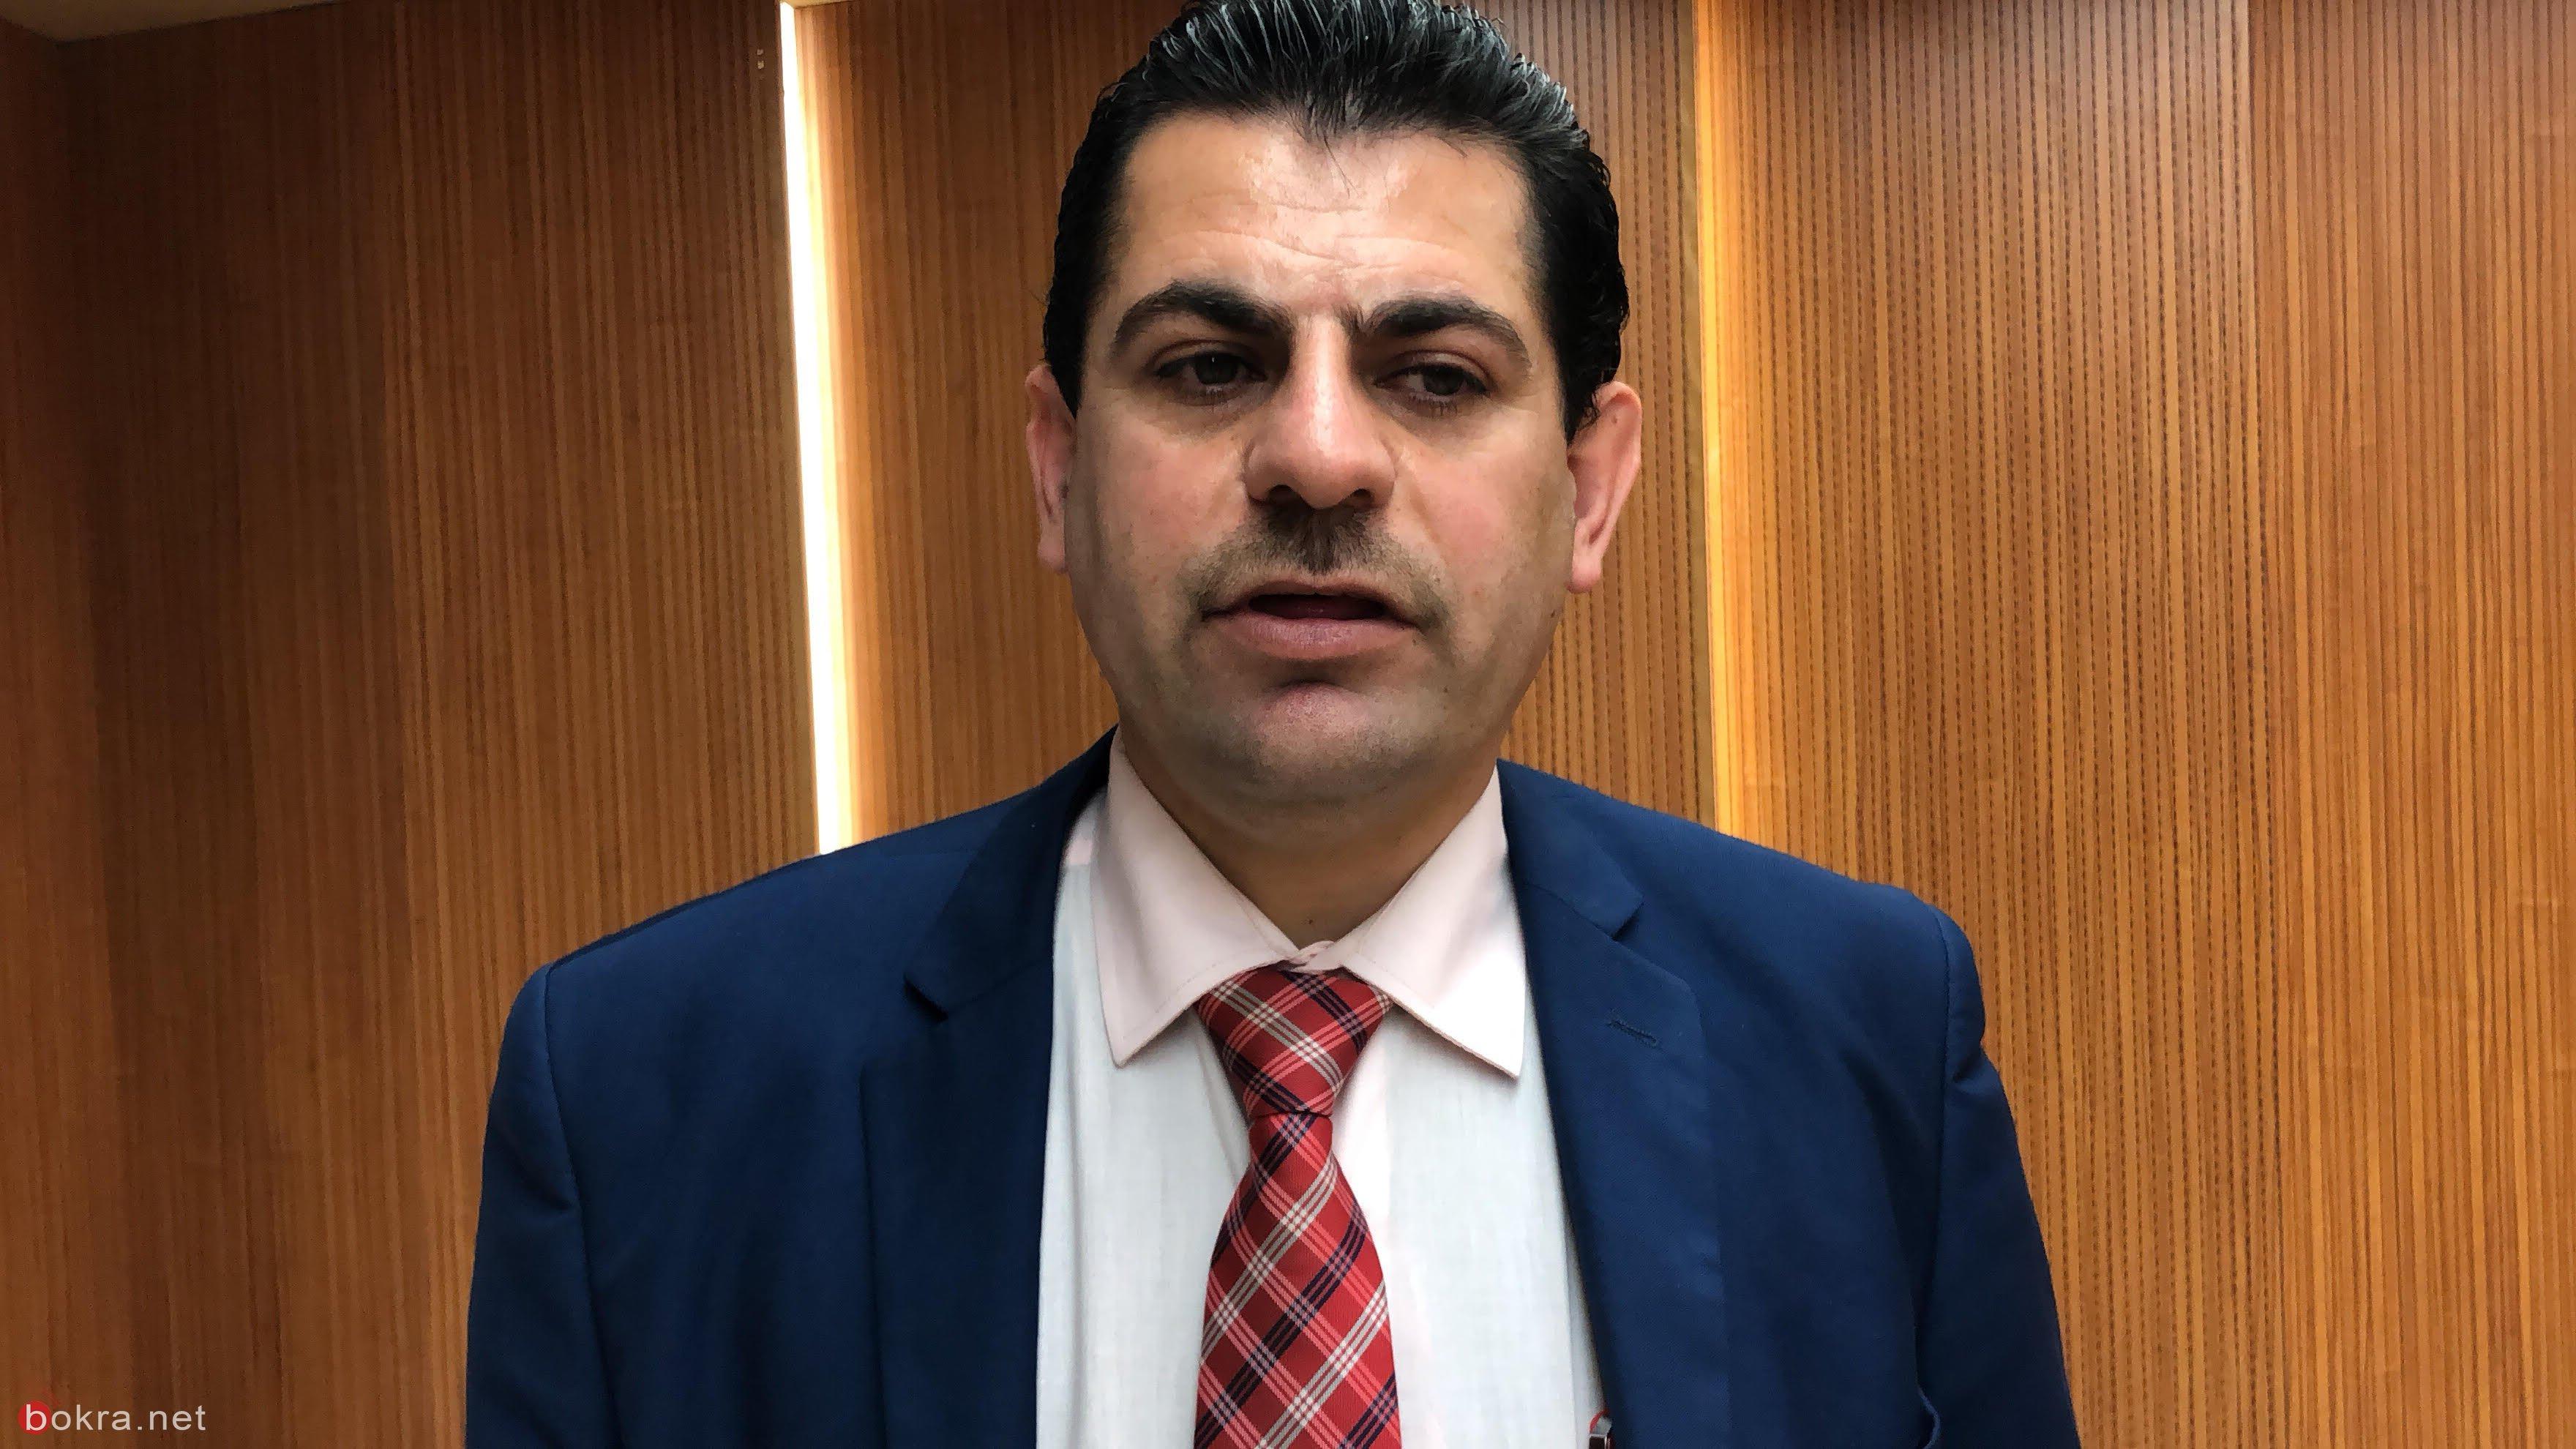 نقاش فلسطيني حول قانون الجرائم الالكترونية